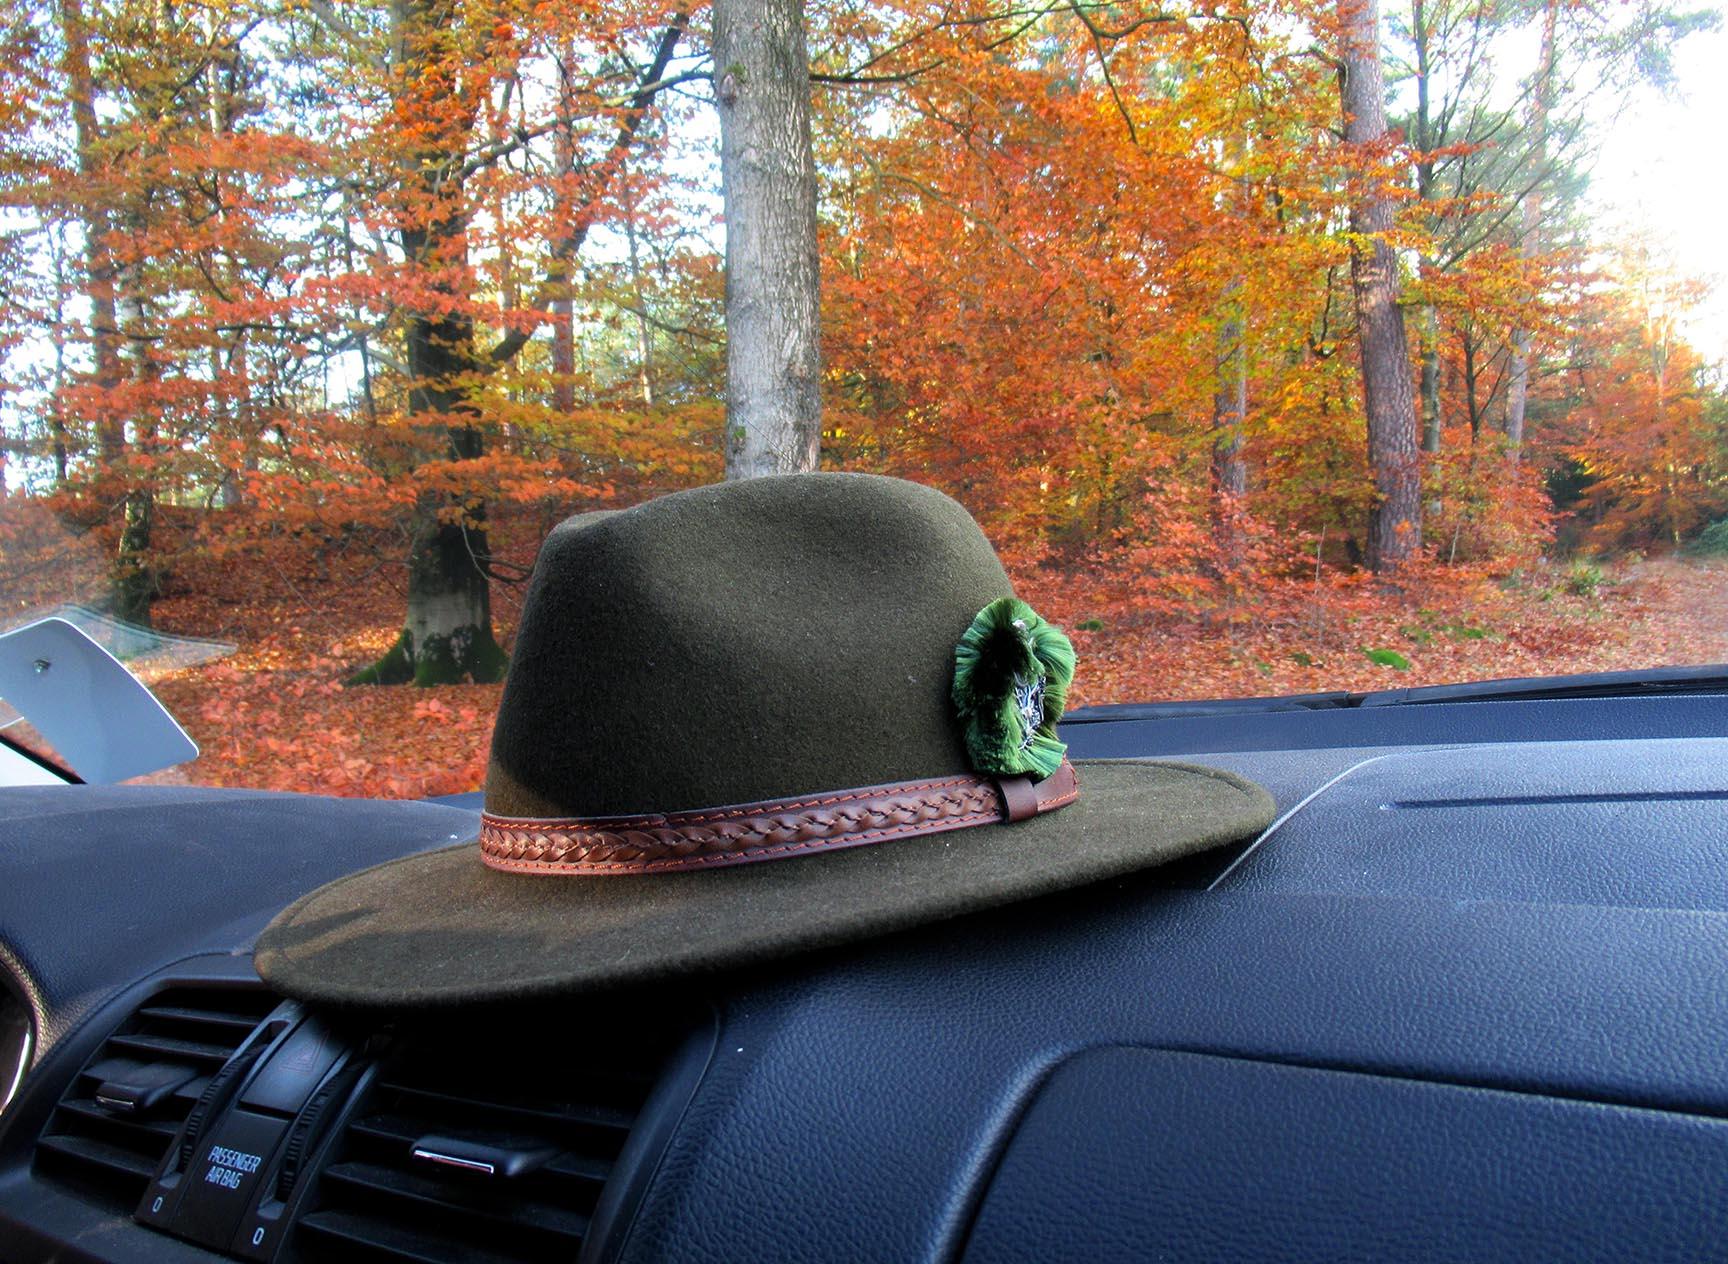 De hoed gaat altijd mee...